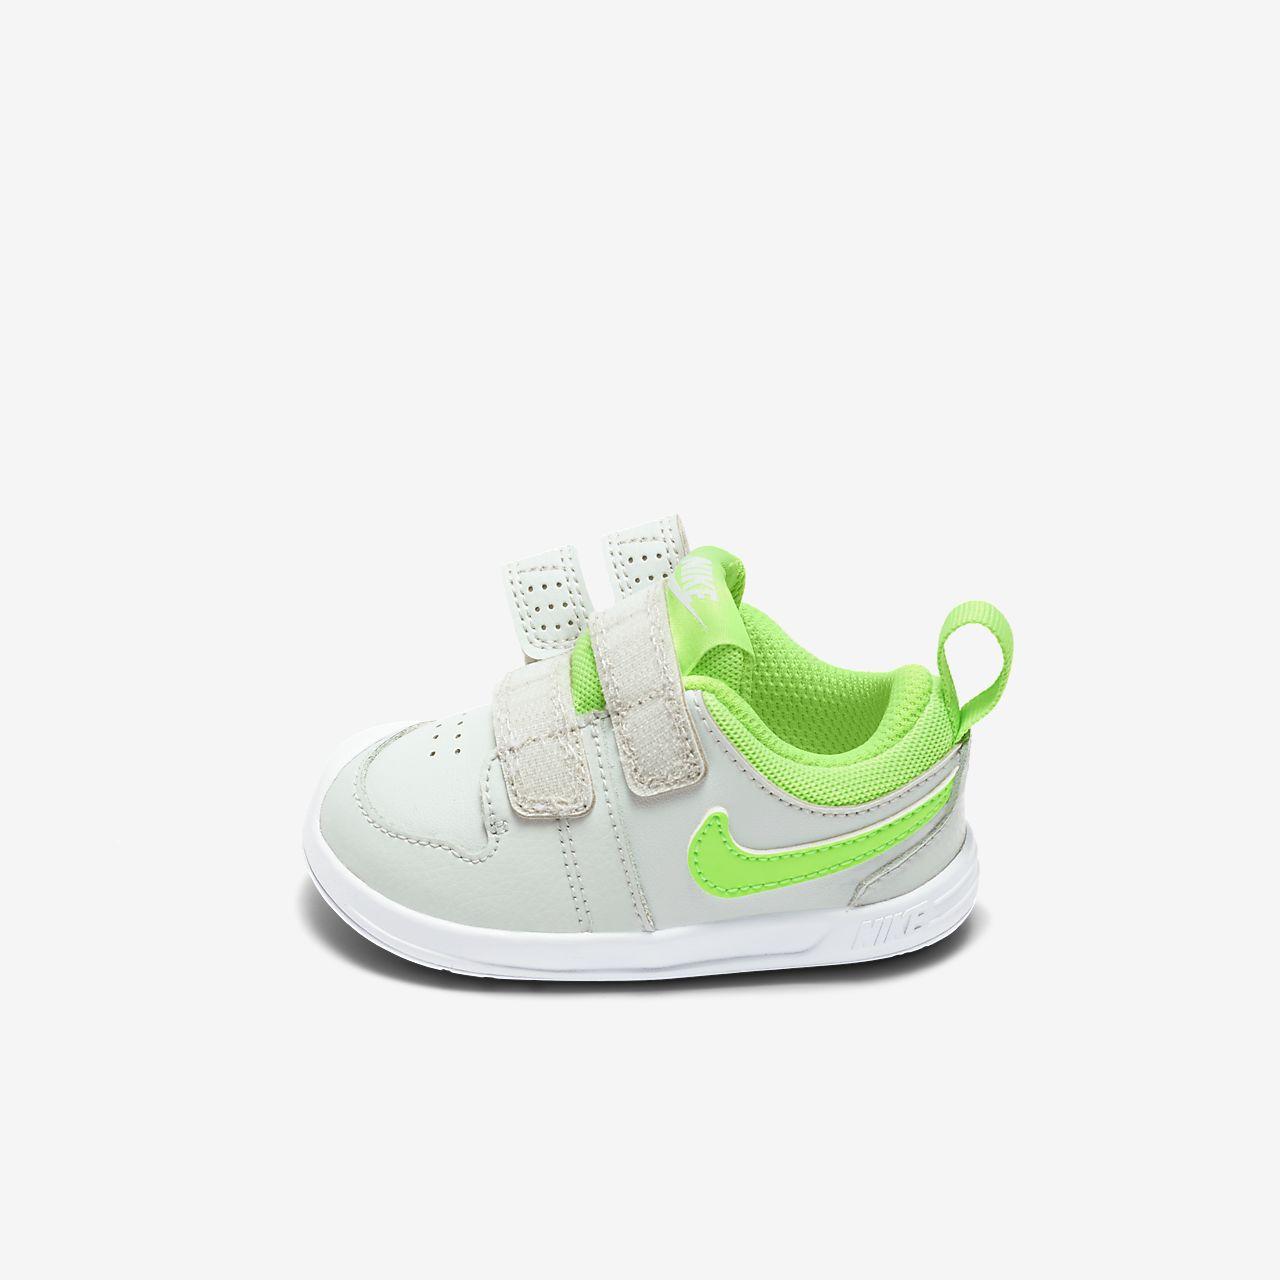 cute run shoes picked up Chaussure Nike Pico 5 pour Bébé et Petit enfant